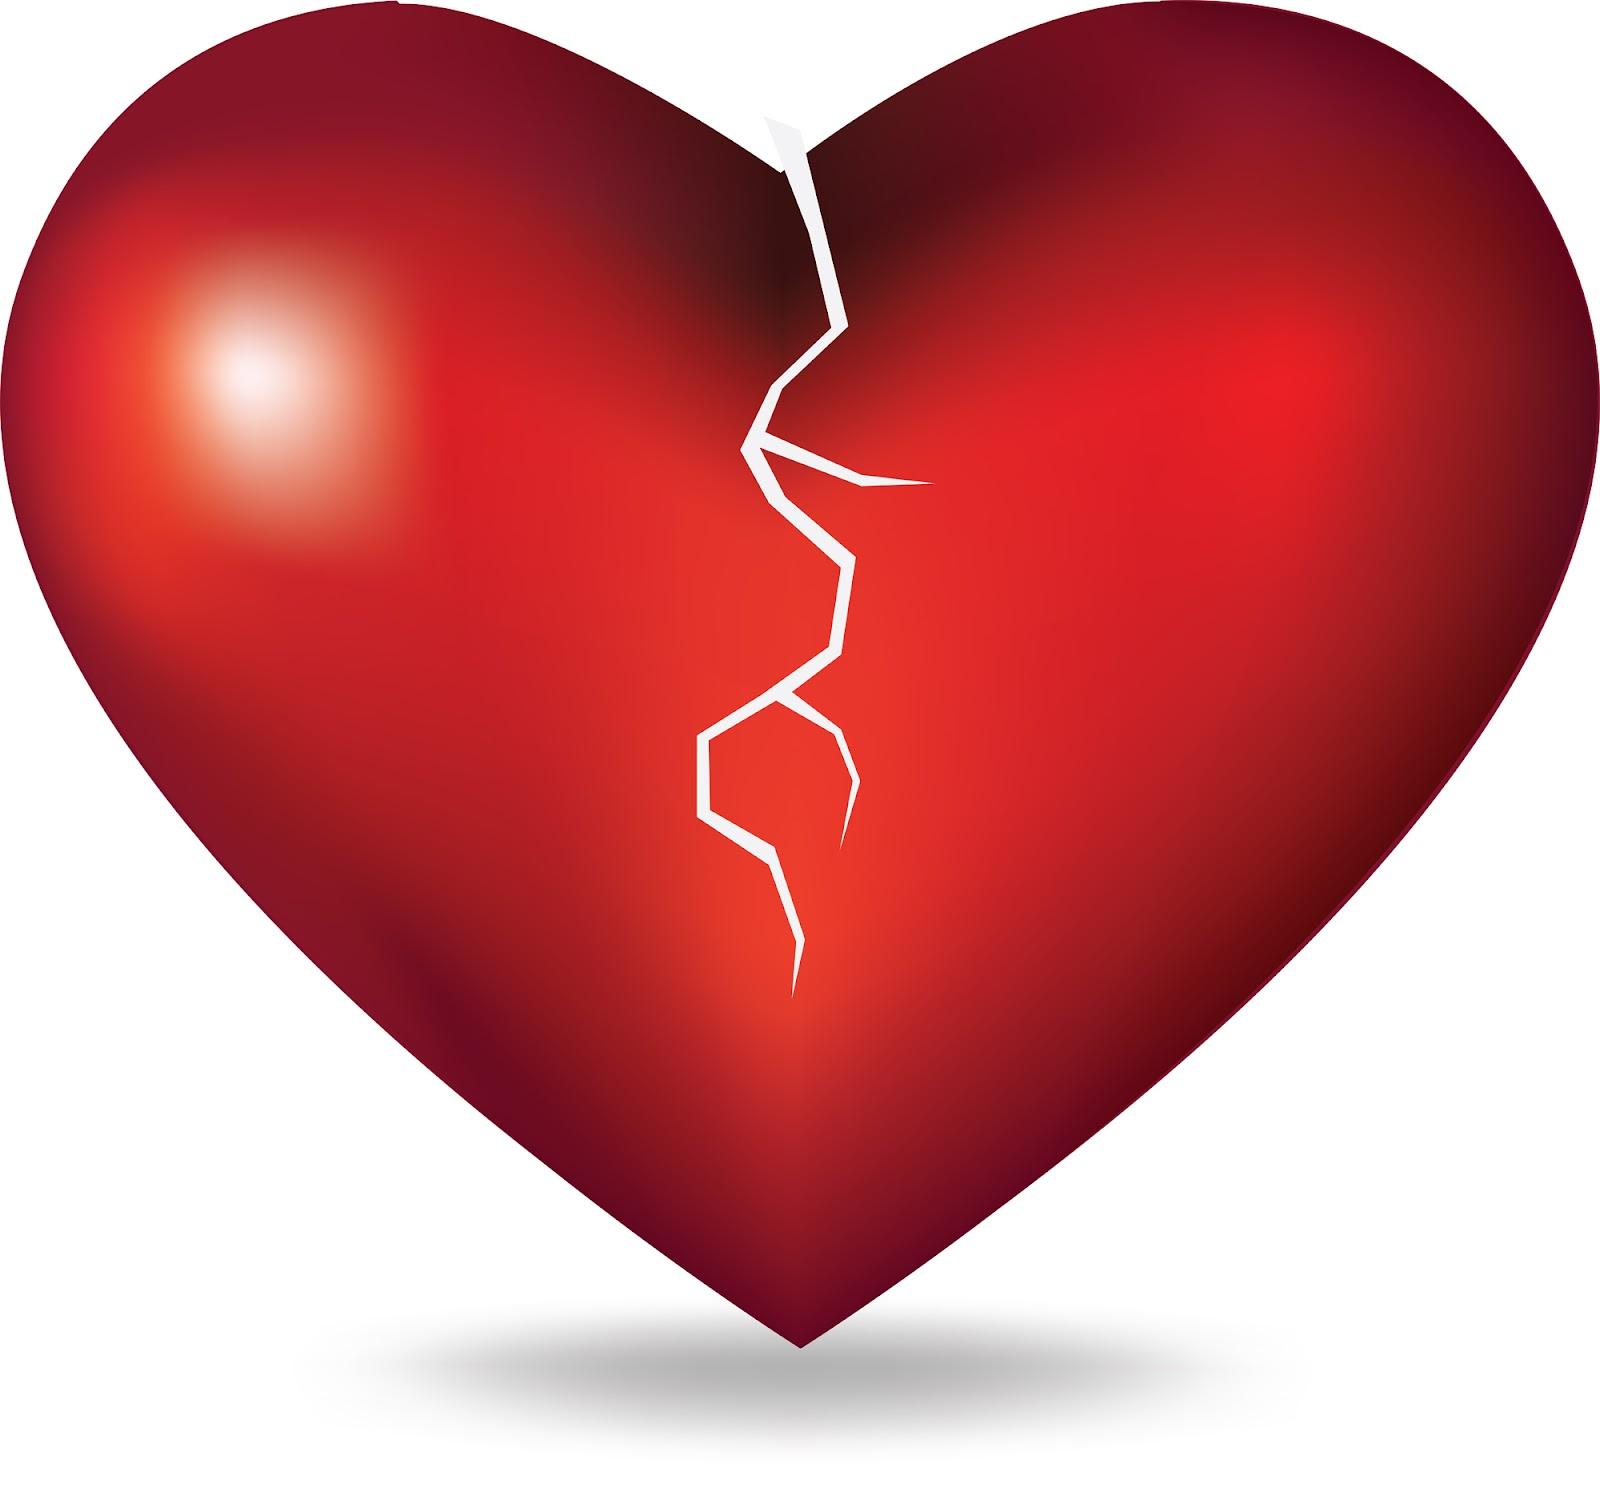 broken_heart1.jpg